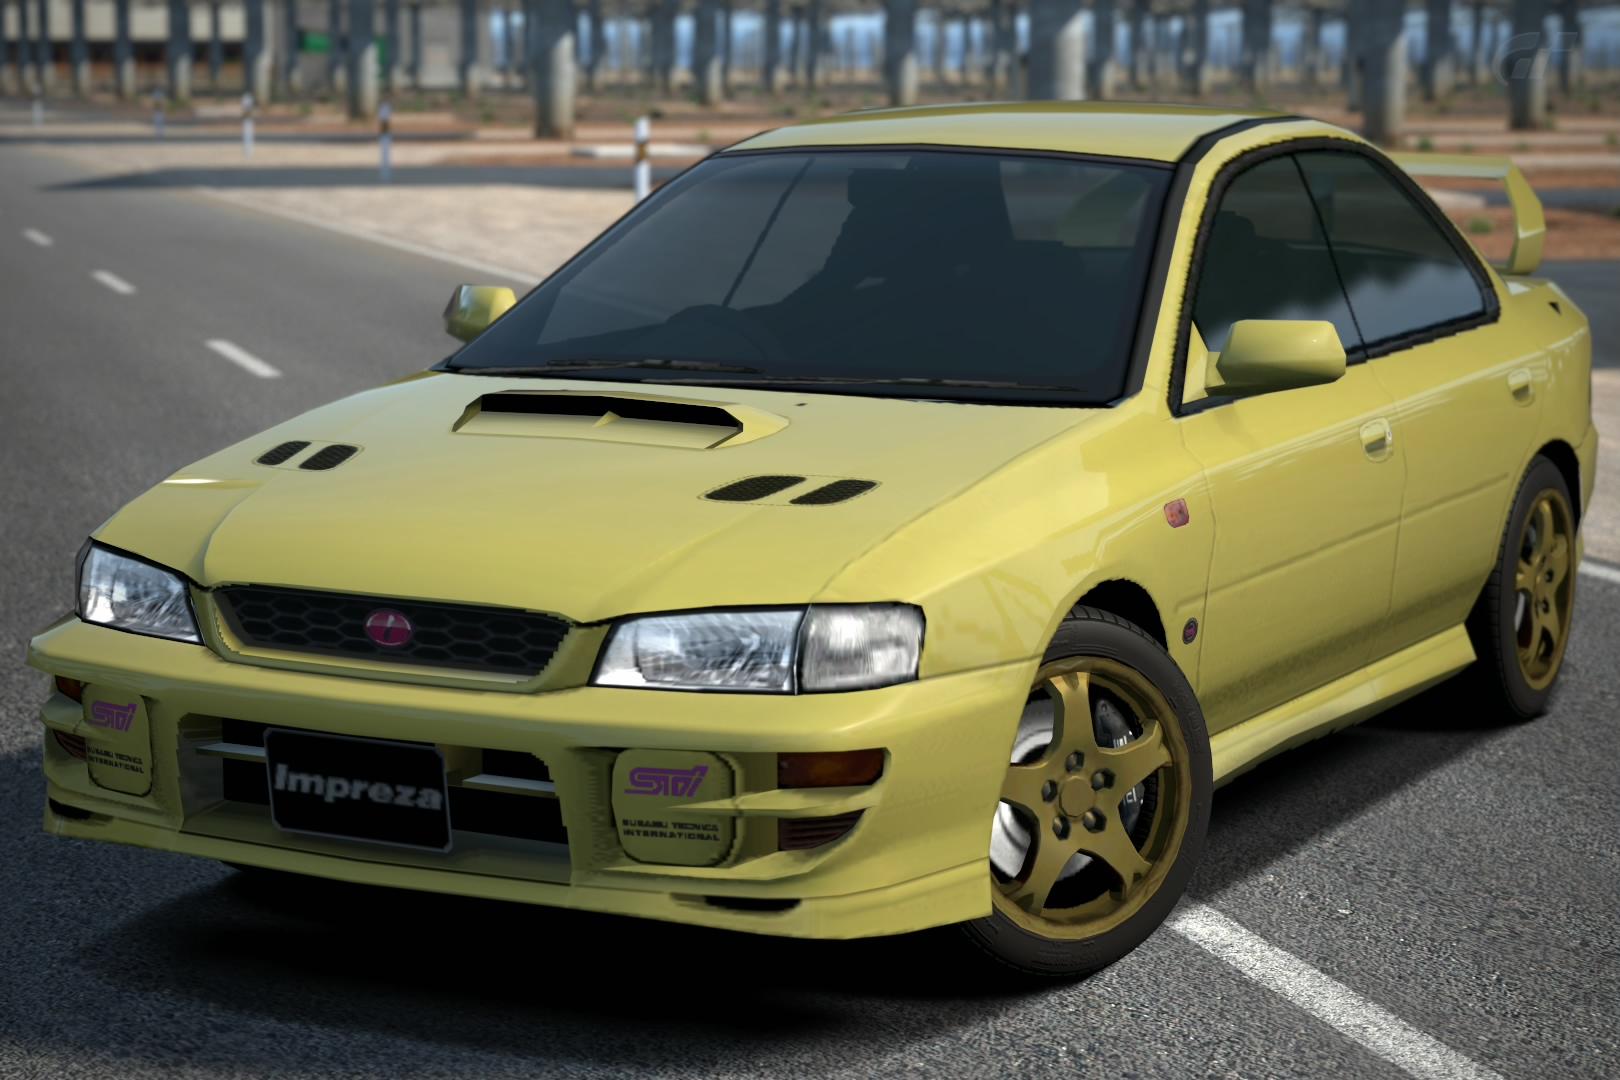 Subaru IMPREZA Sedan WRX STi Version VI 99